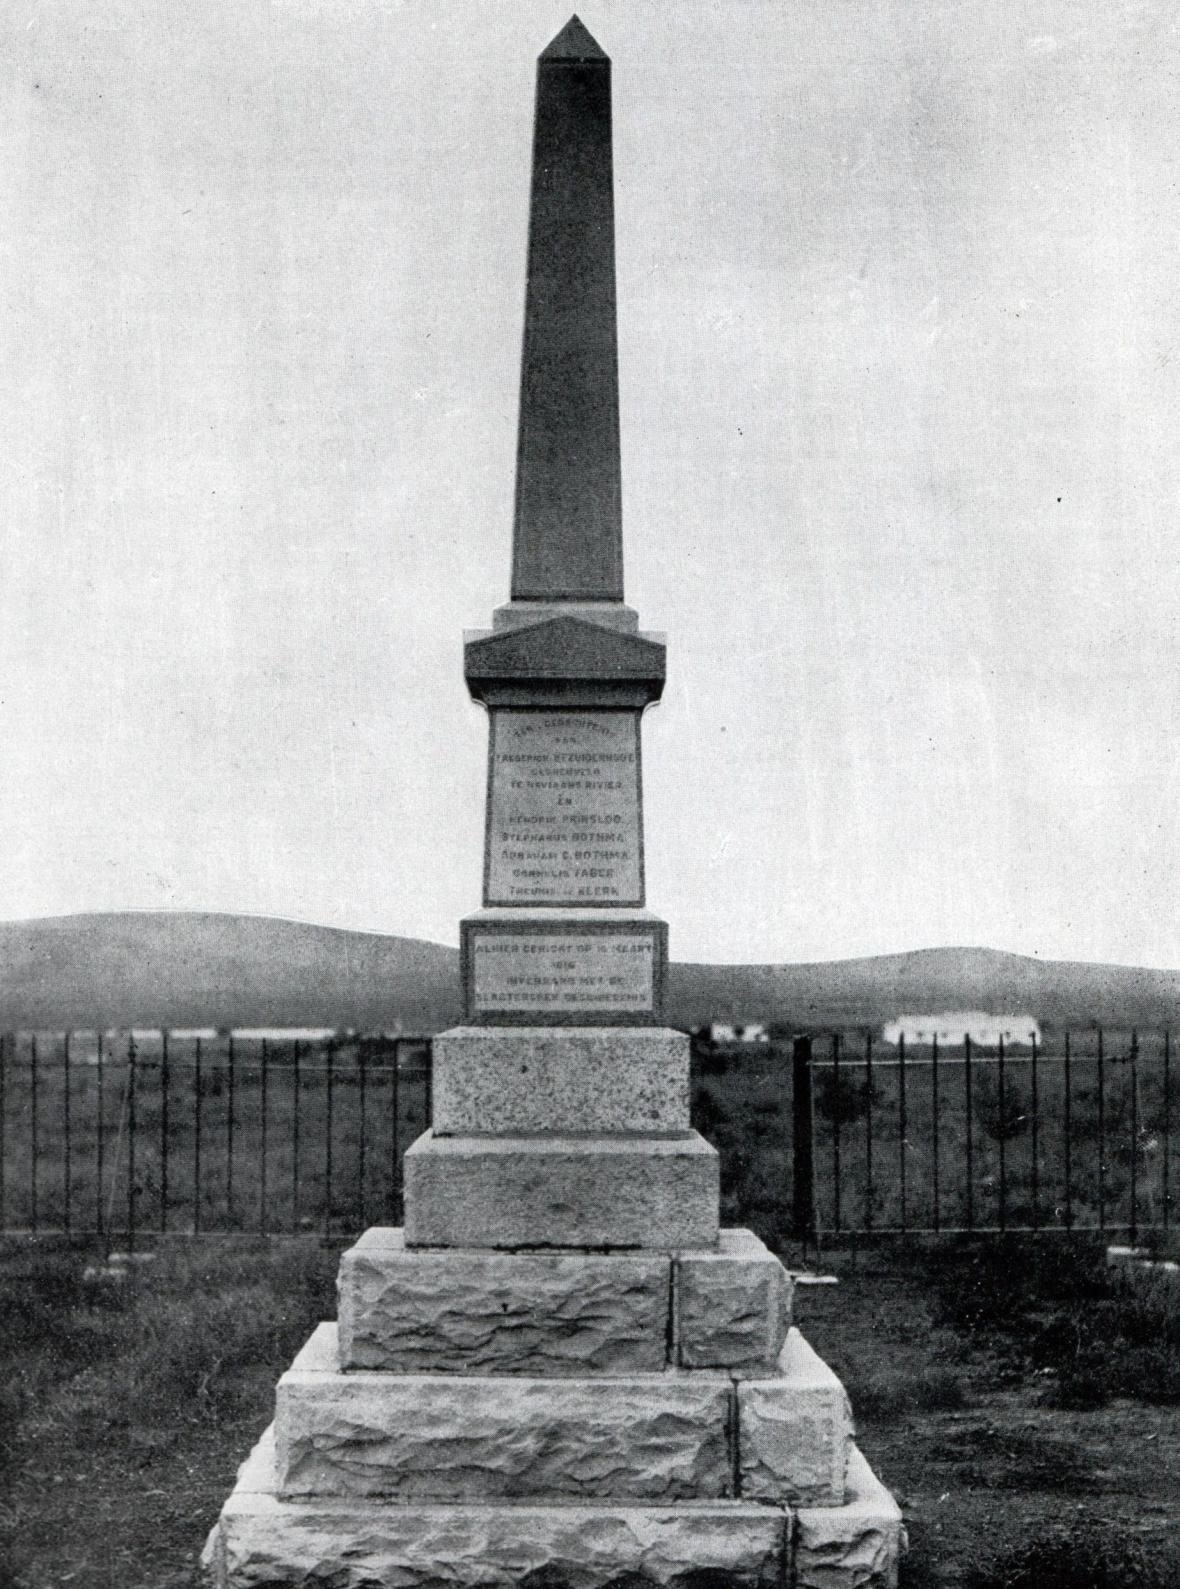 het-schlatersnek-monument-e1520537769660.jpg